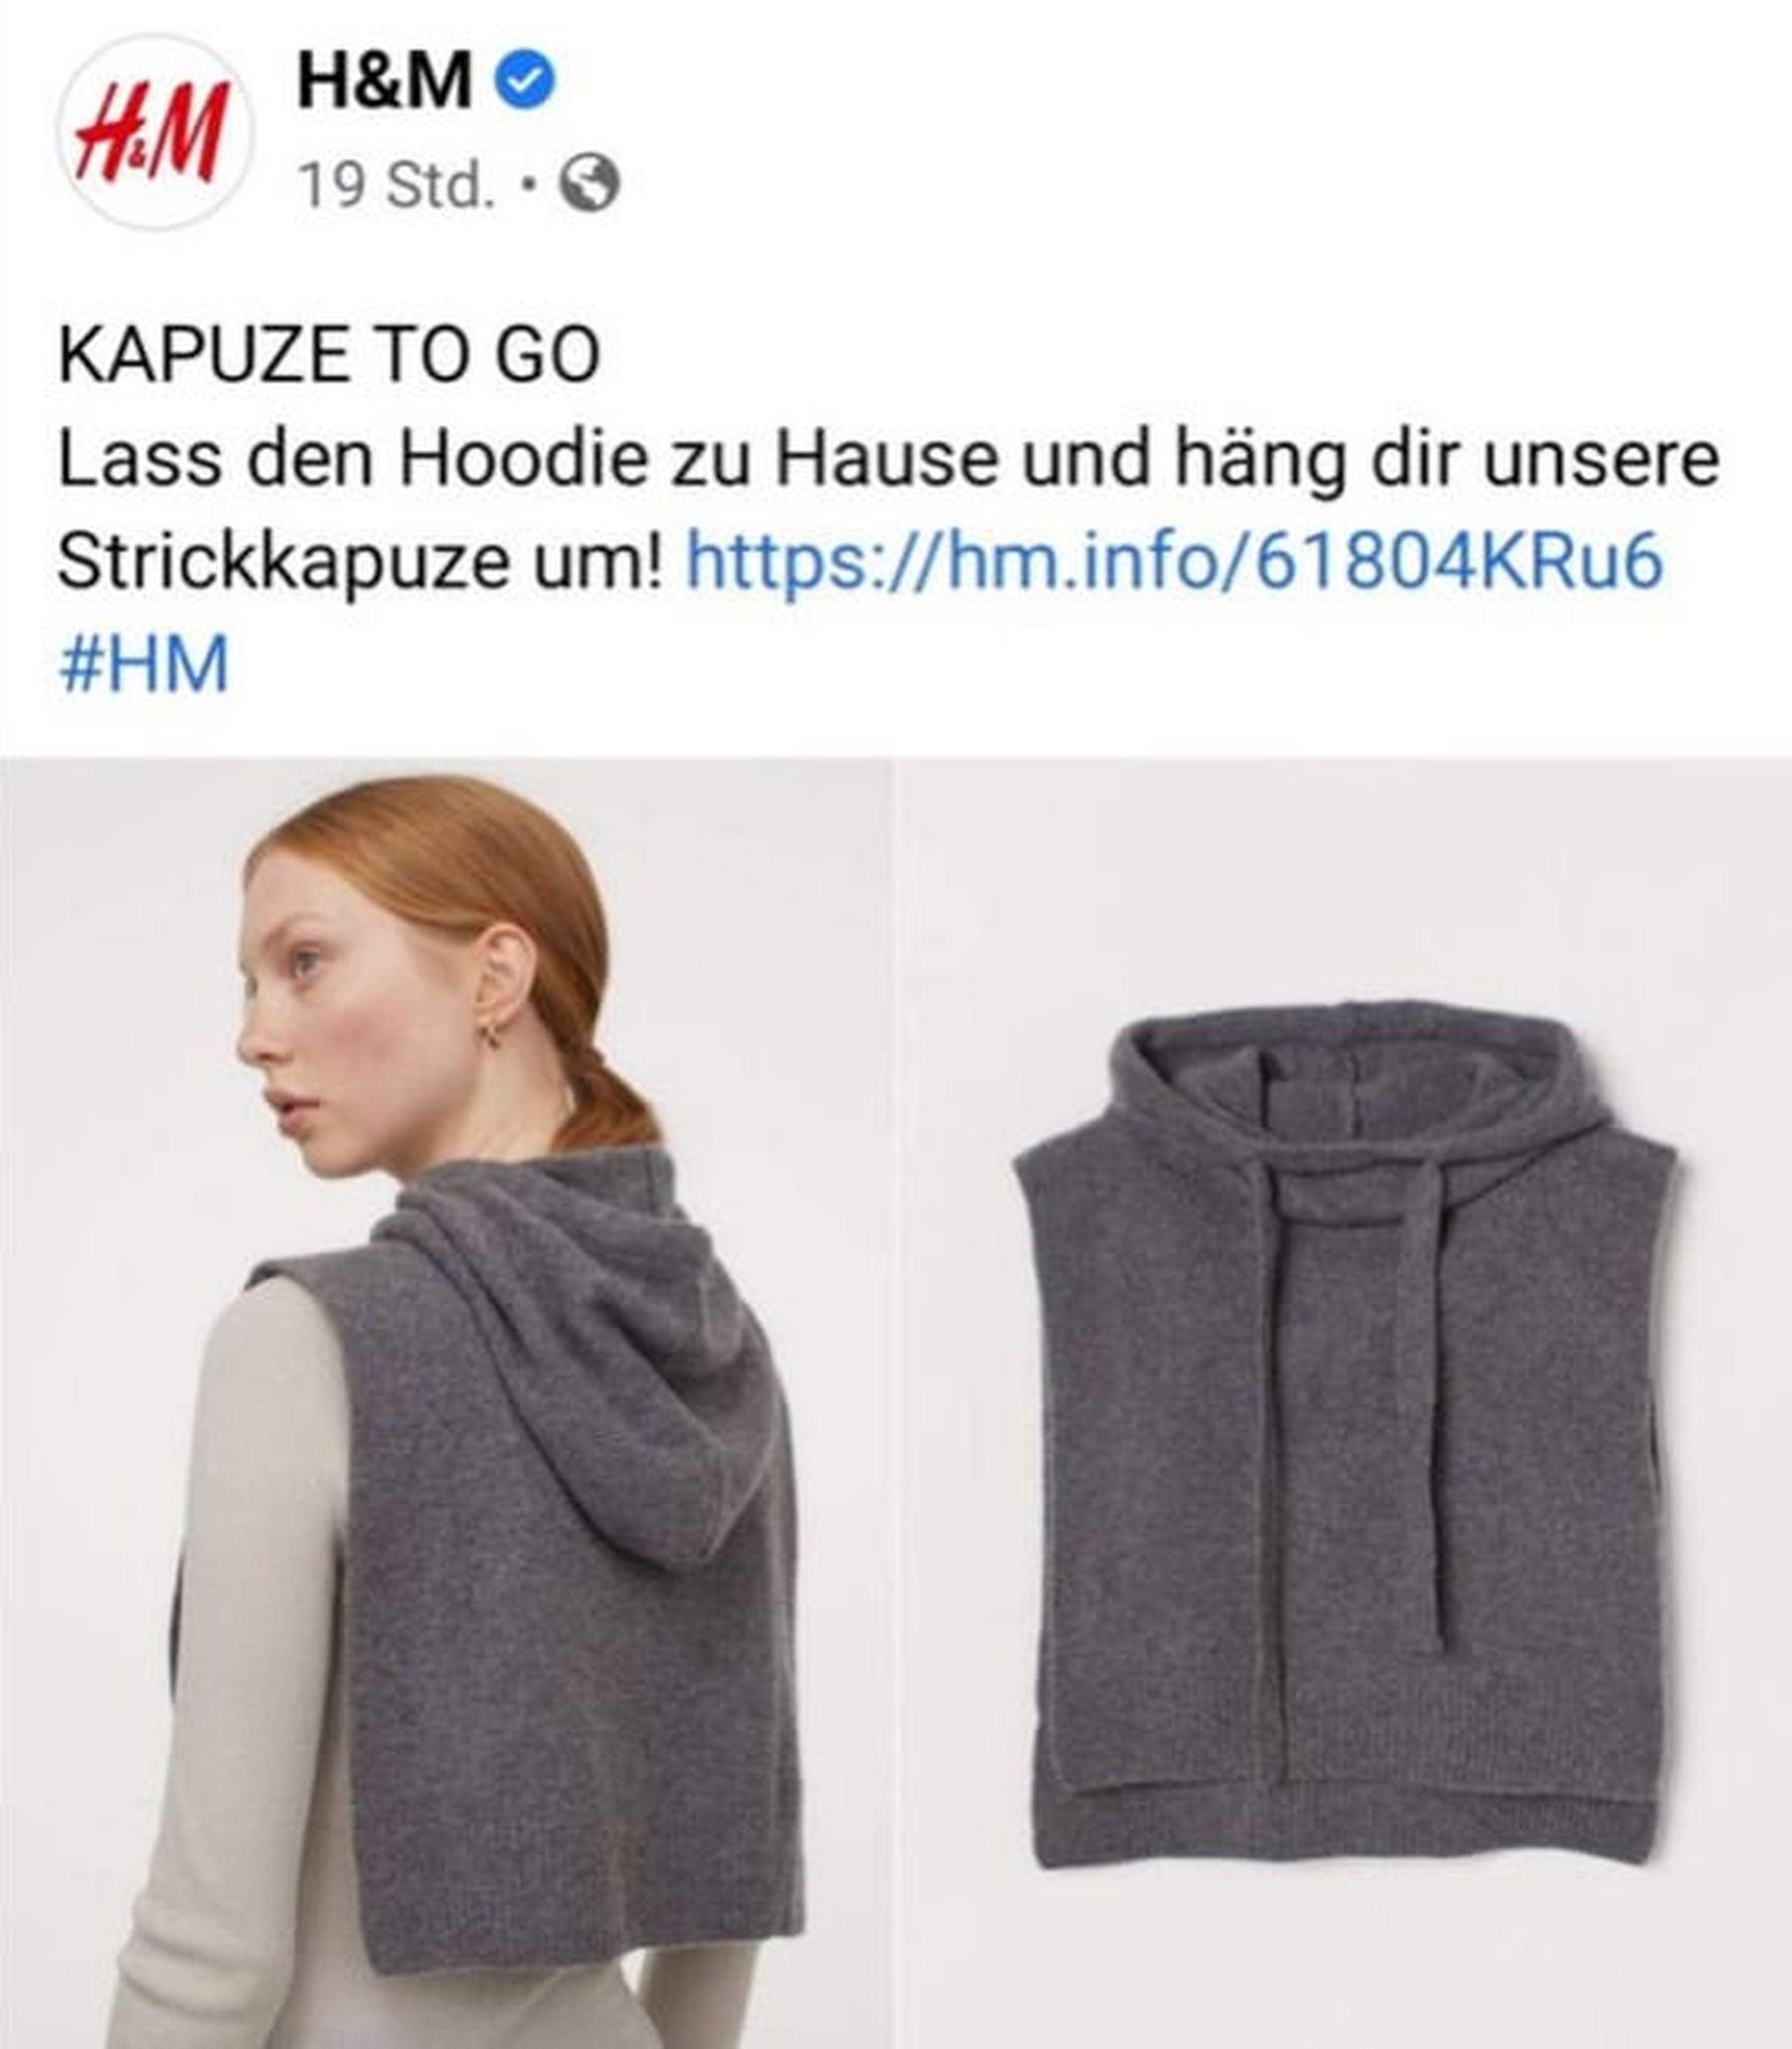 Warum ich Mode gar nicht mehr verstehen will ... (ernsthaft, H&M?) | WTF | Was is hier eigentlich los?